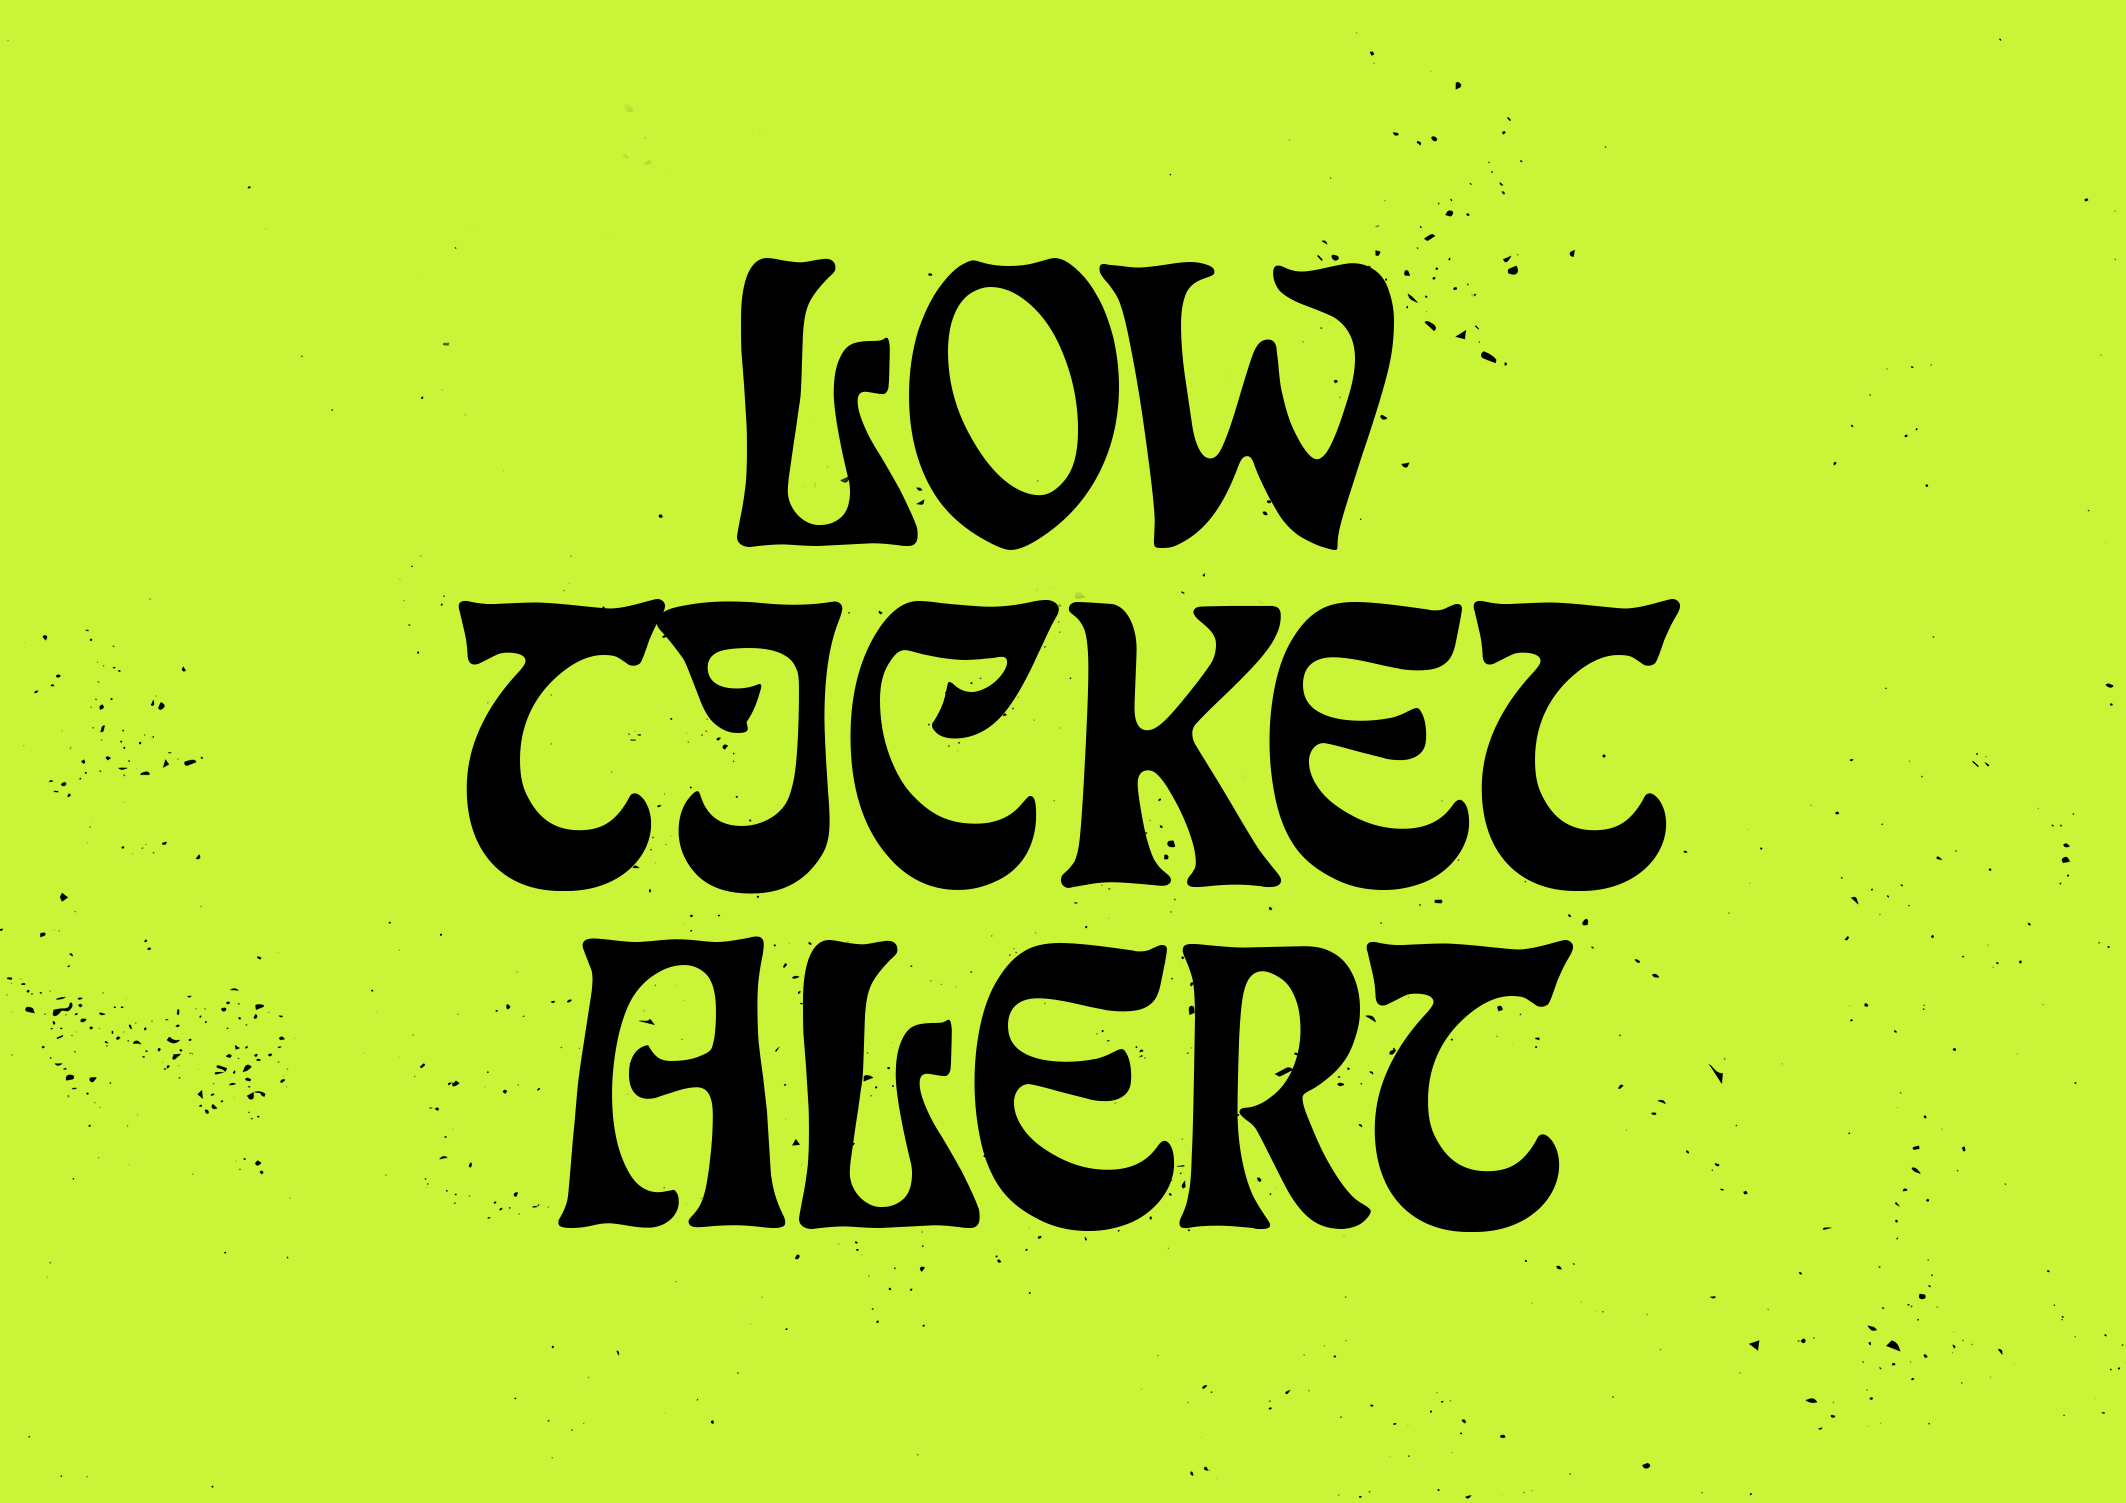 LOW.jpg